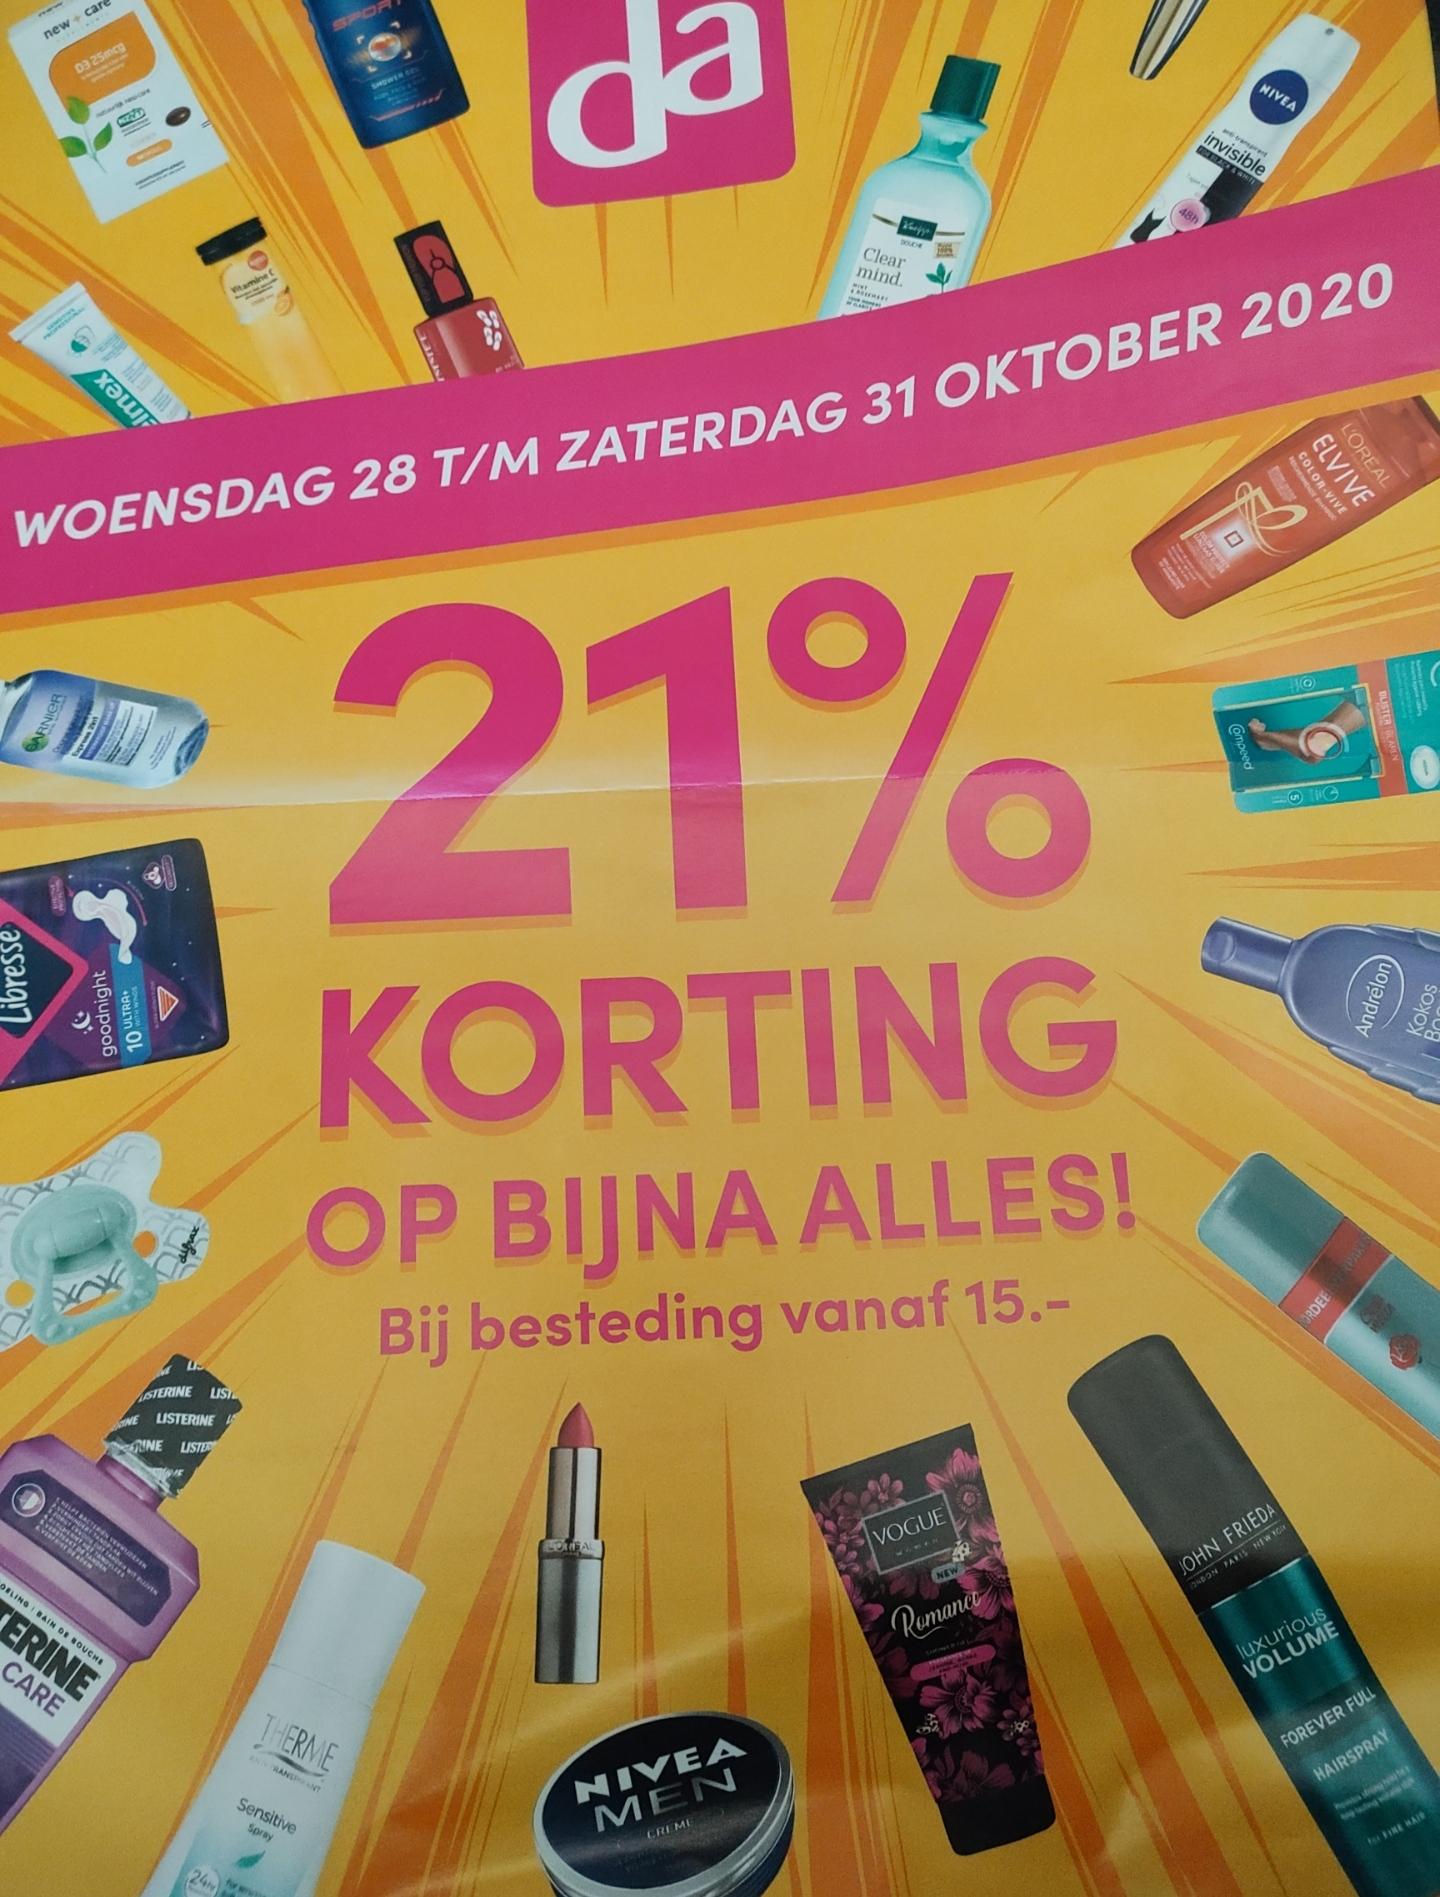 21% korting op bijna alles bij besteding vanaf €15 @ DA